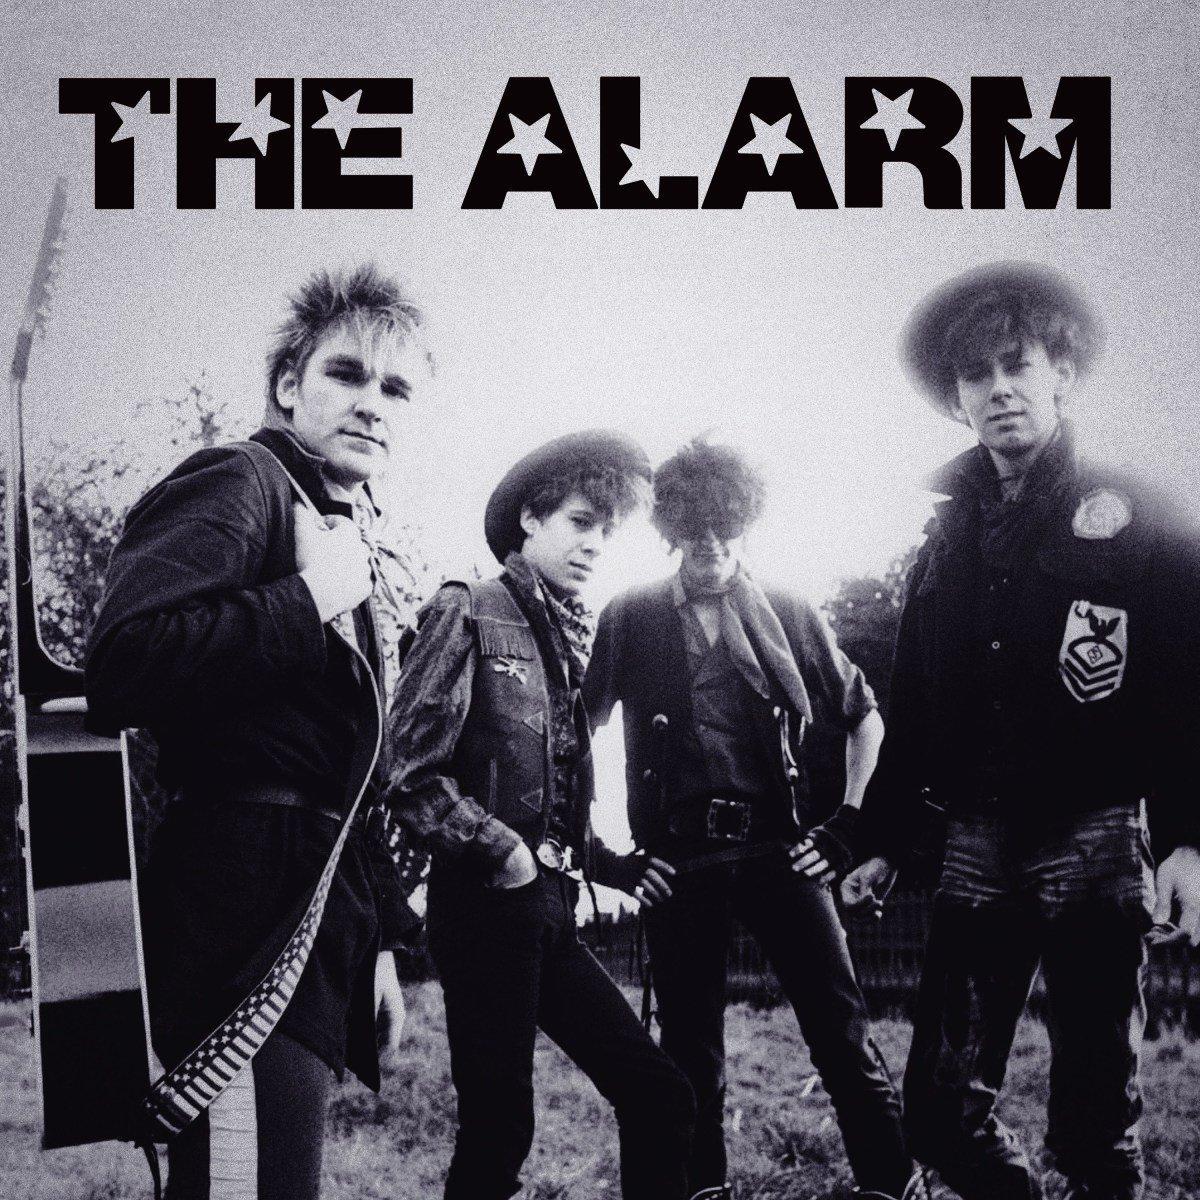 Eponymous Alarm